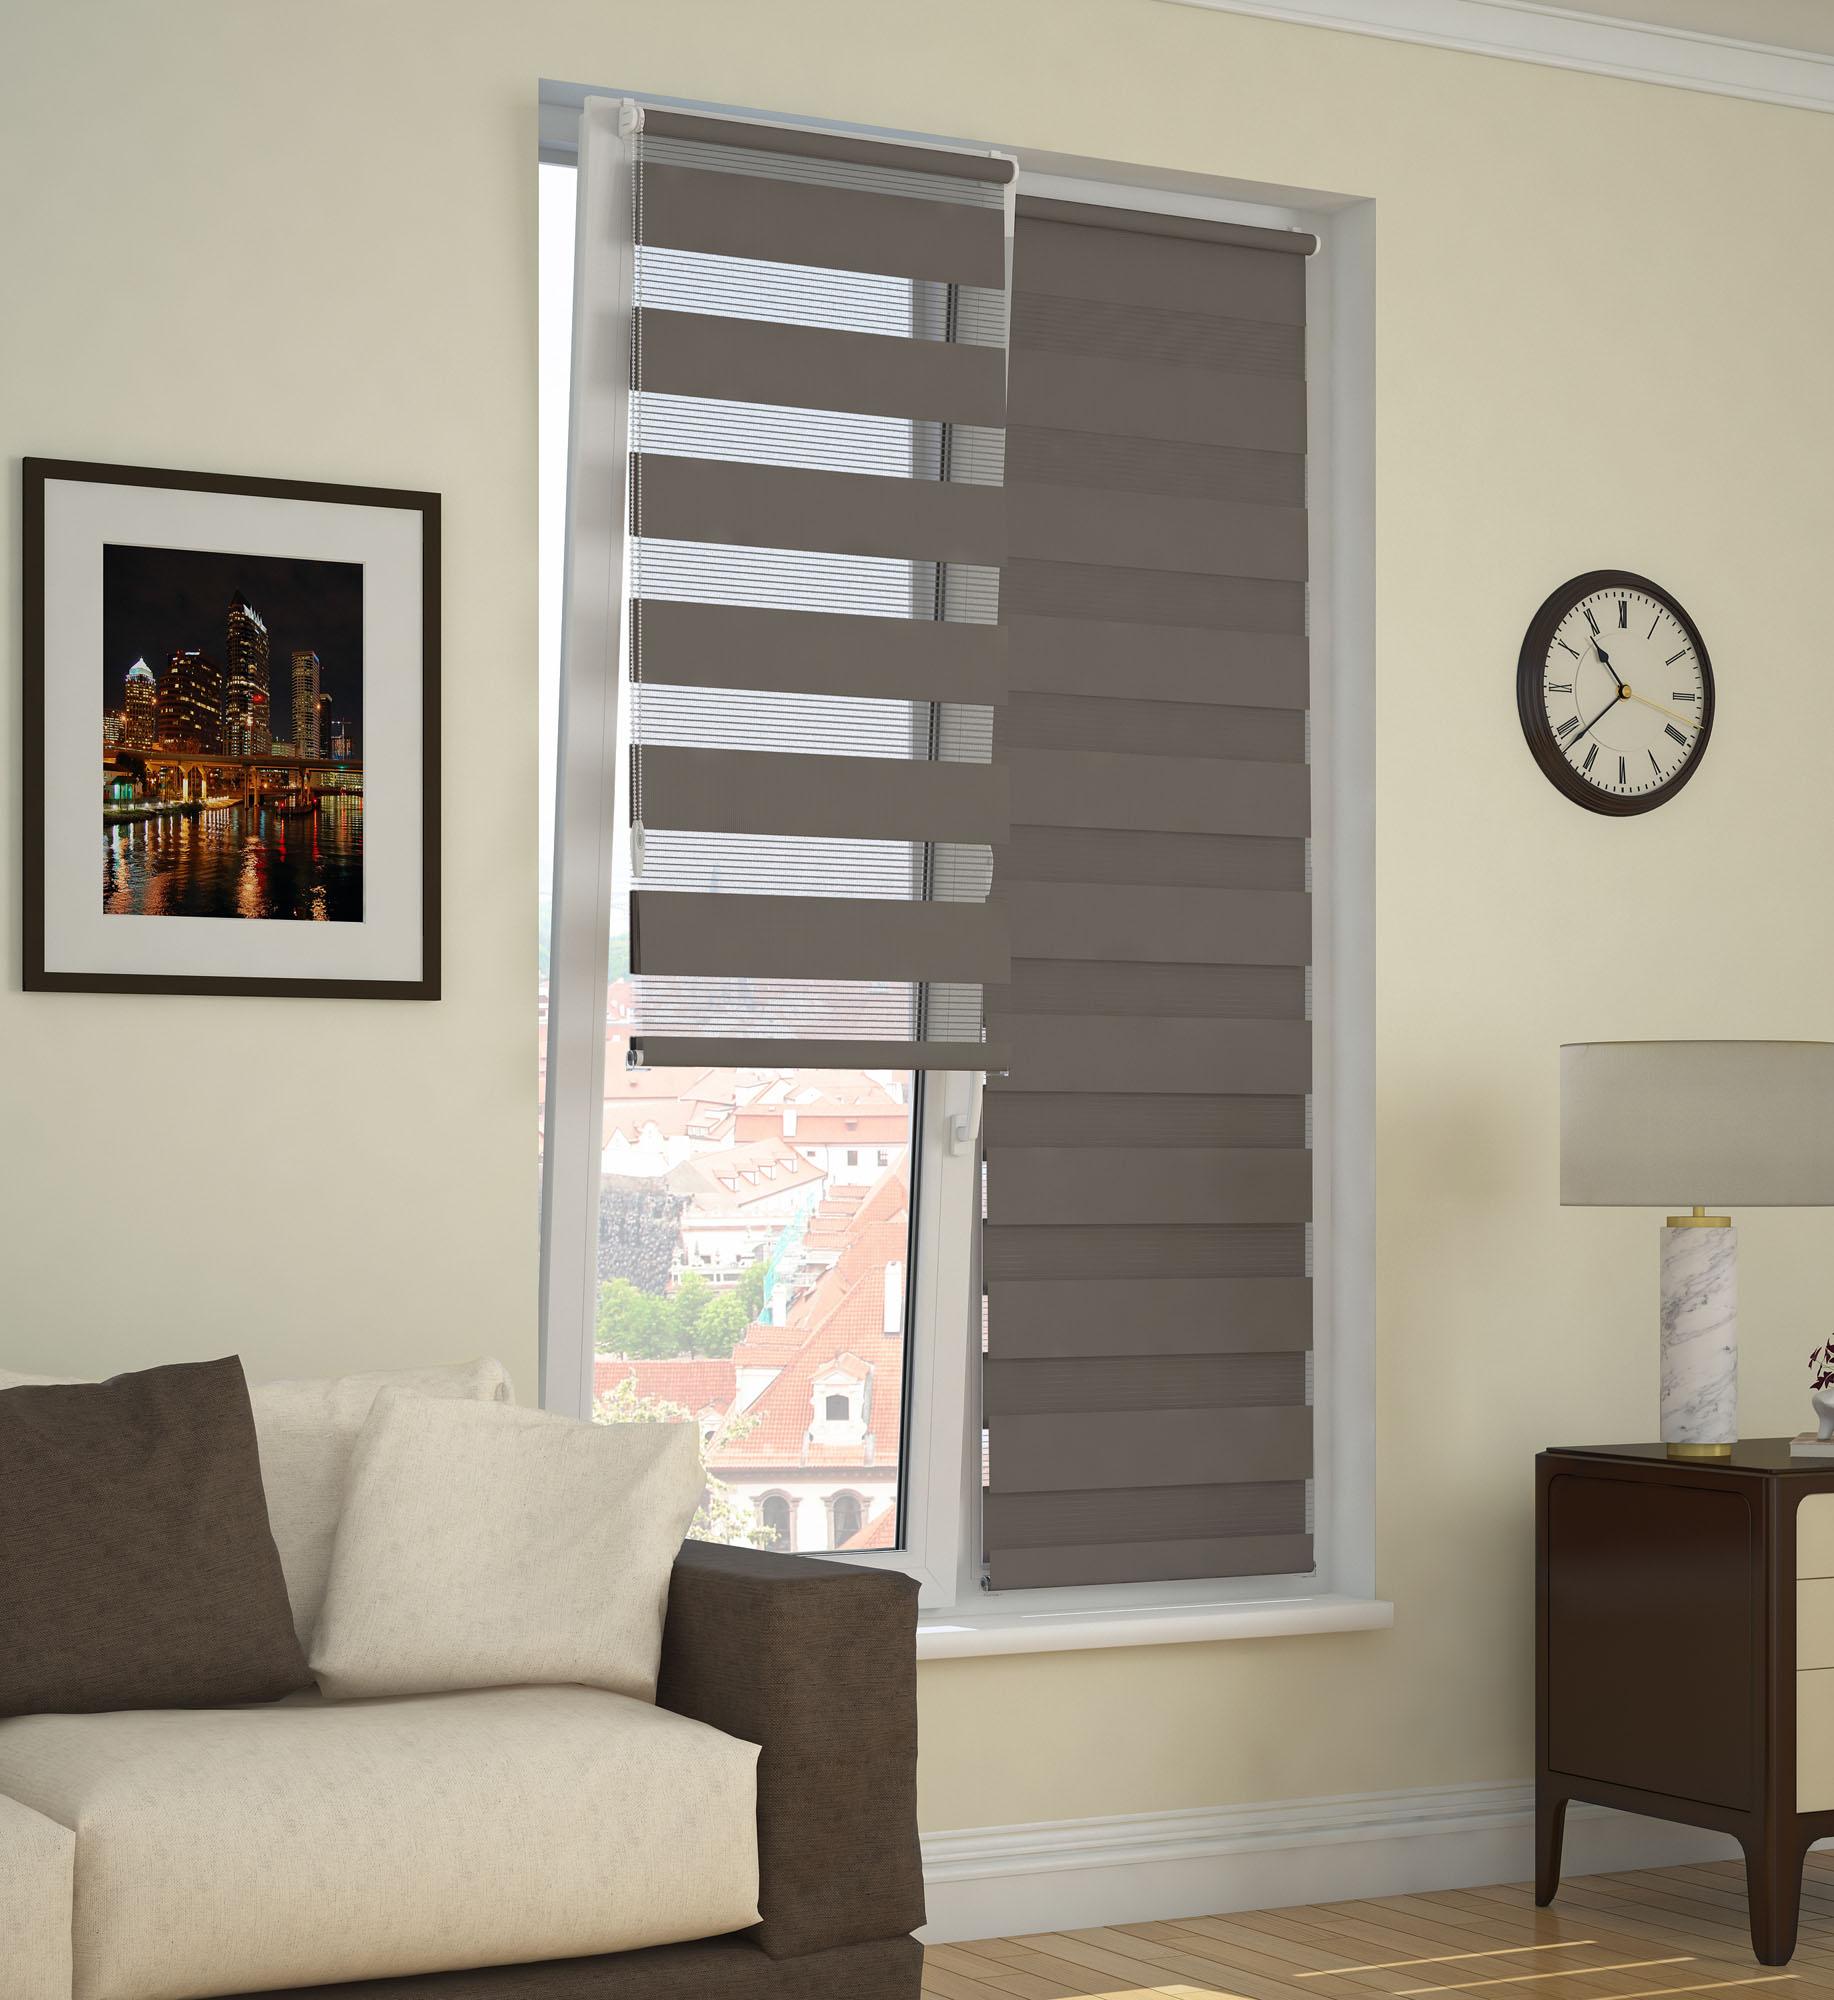 Фото - Рулонные шторы DDA 71083, коричневый рулонные шторы dda прованс принт 48x170 см